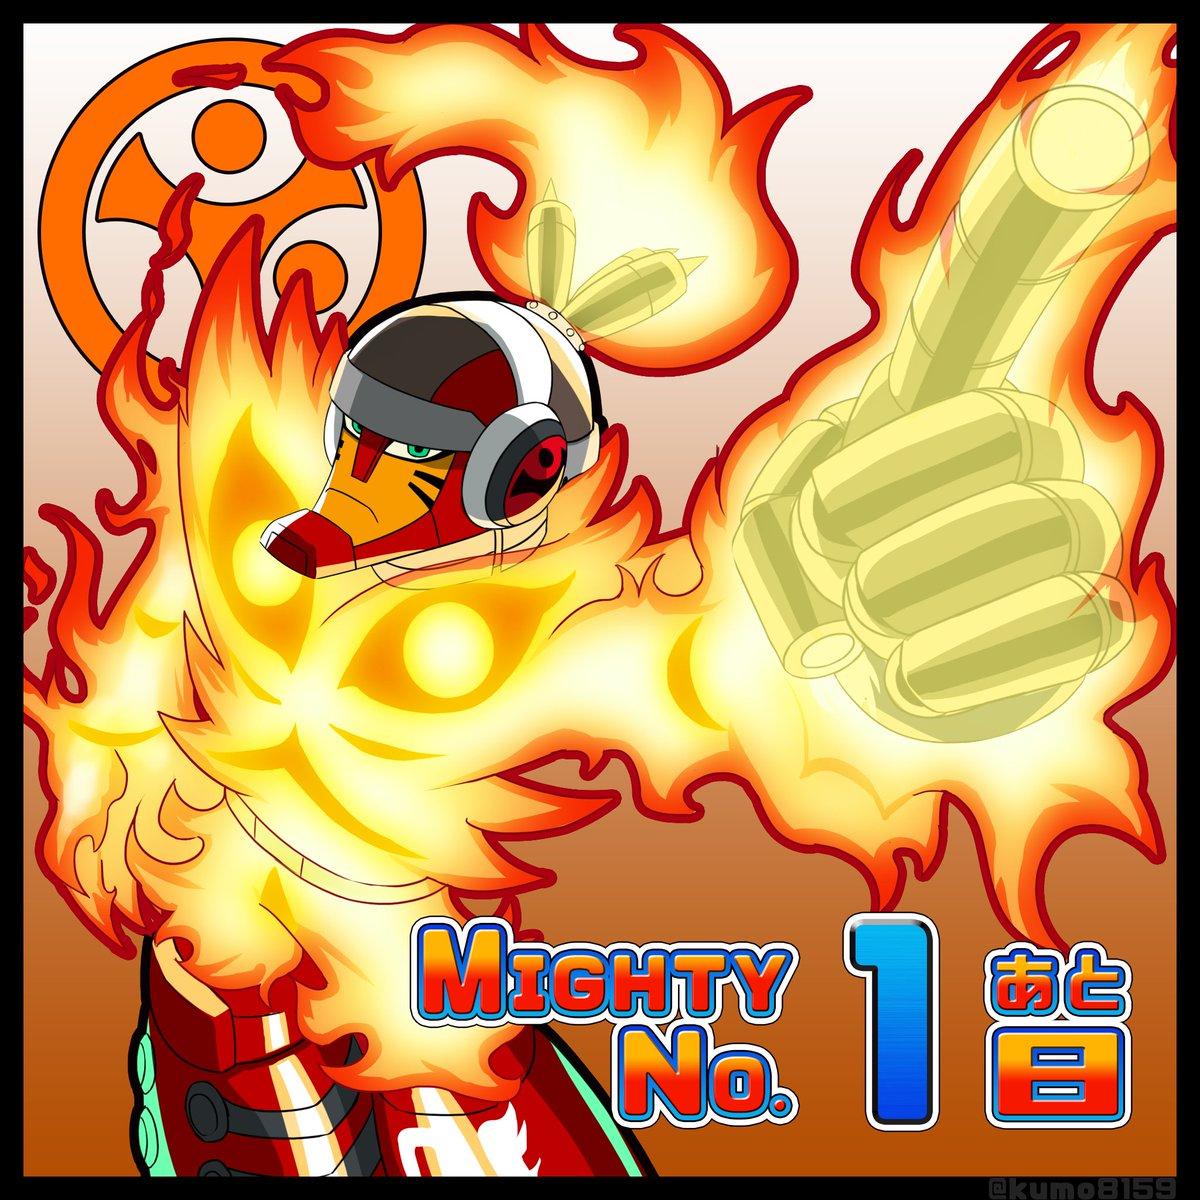 Mighty No.9発売まで! #MightyNo9 https://t.co/PHk2K8NYjb